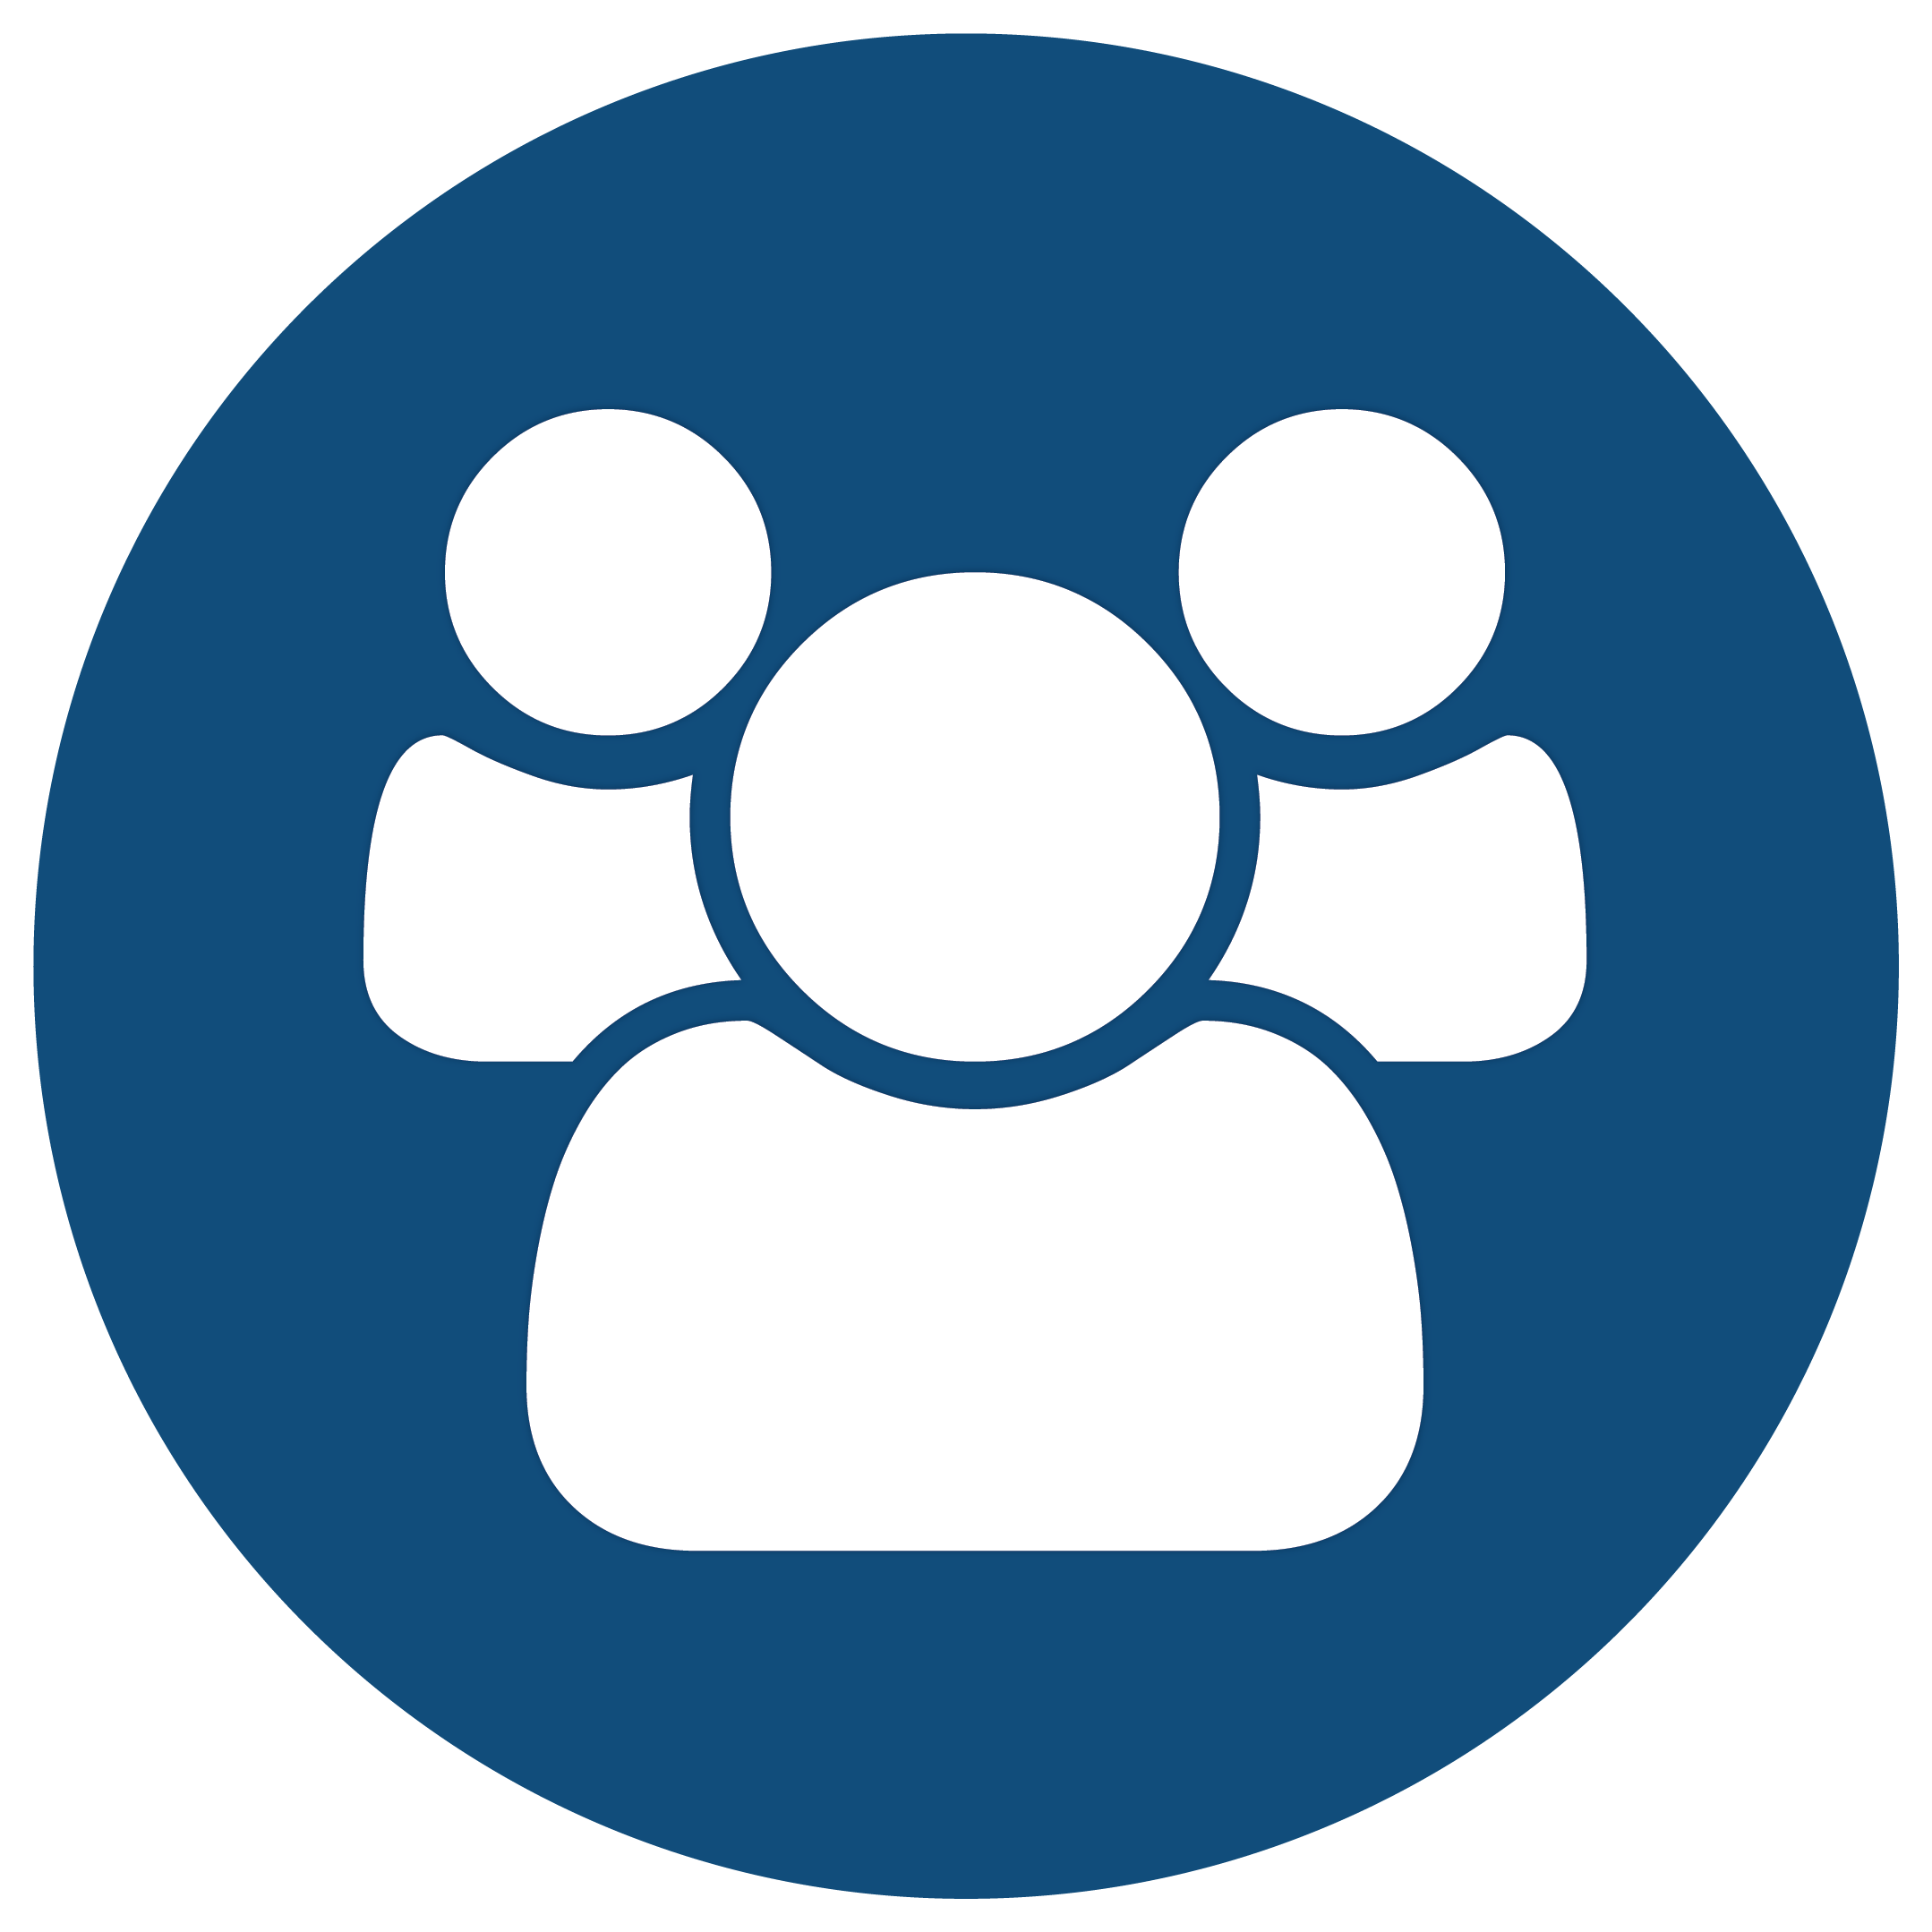 Membership Icon &ndash Free Icons Logo Image.